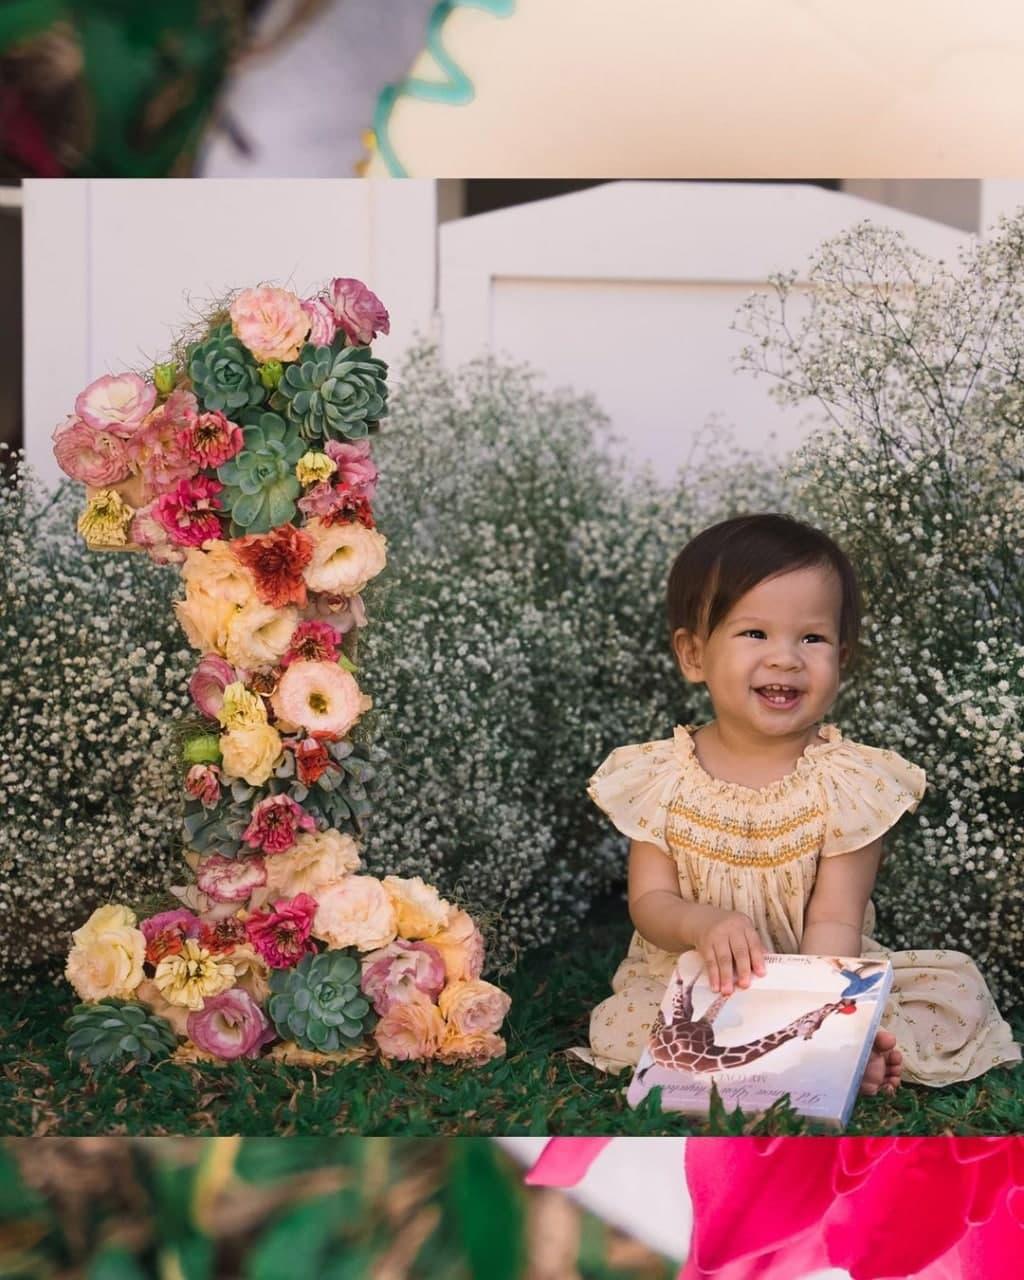 Dahlia Amélie in her floral themed birthday